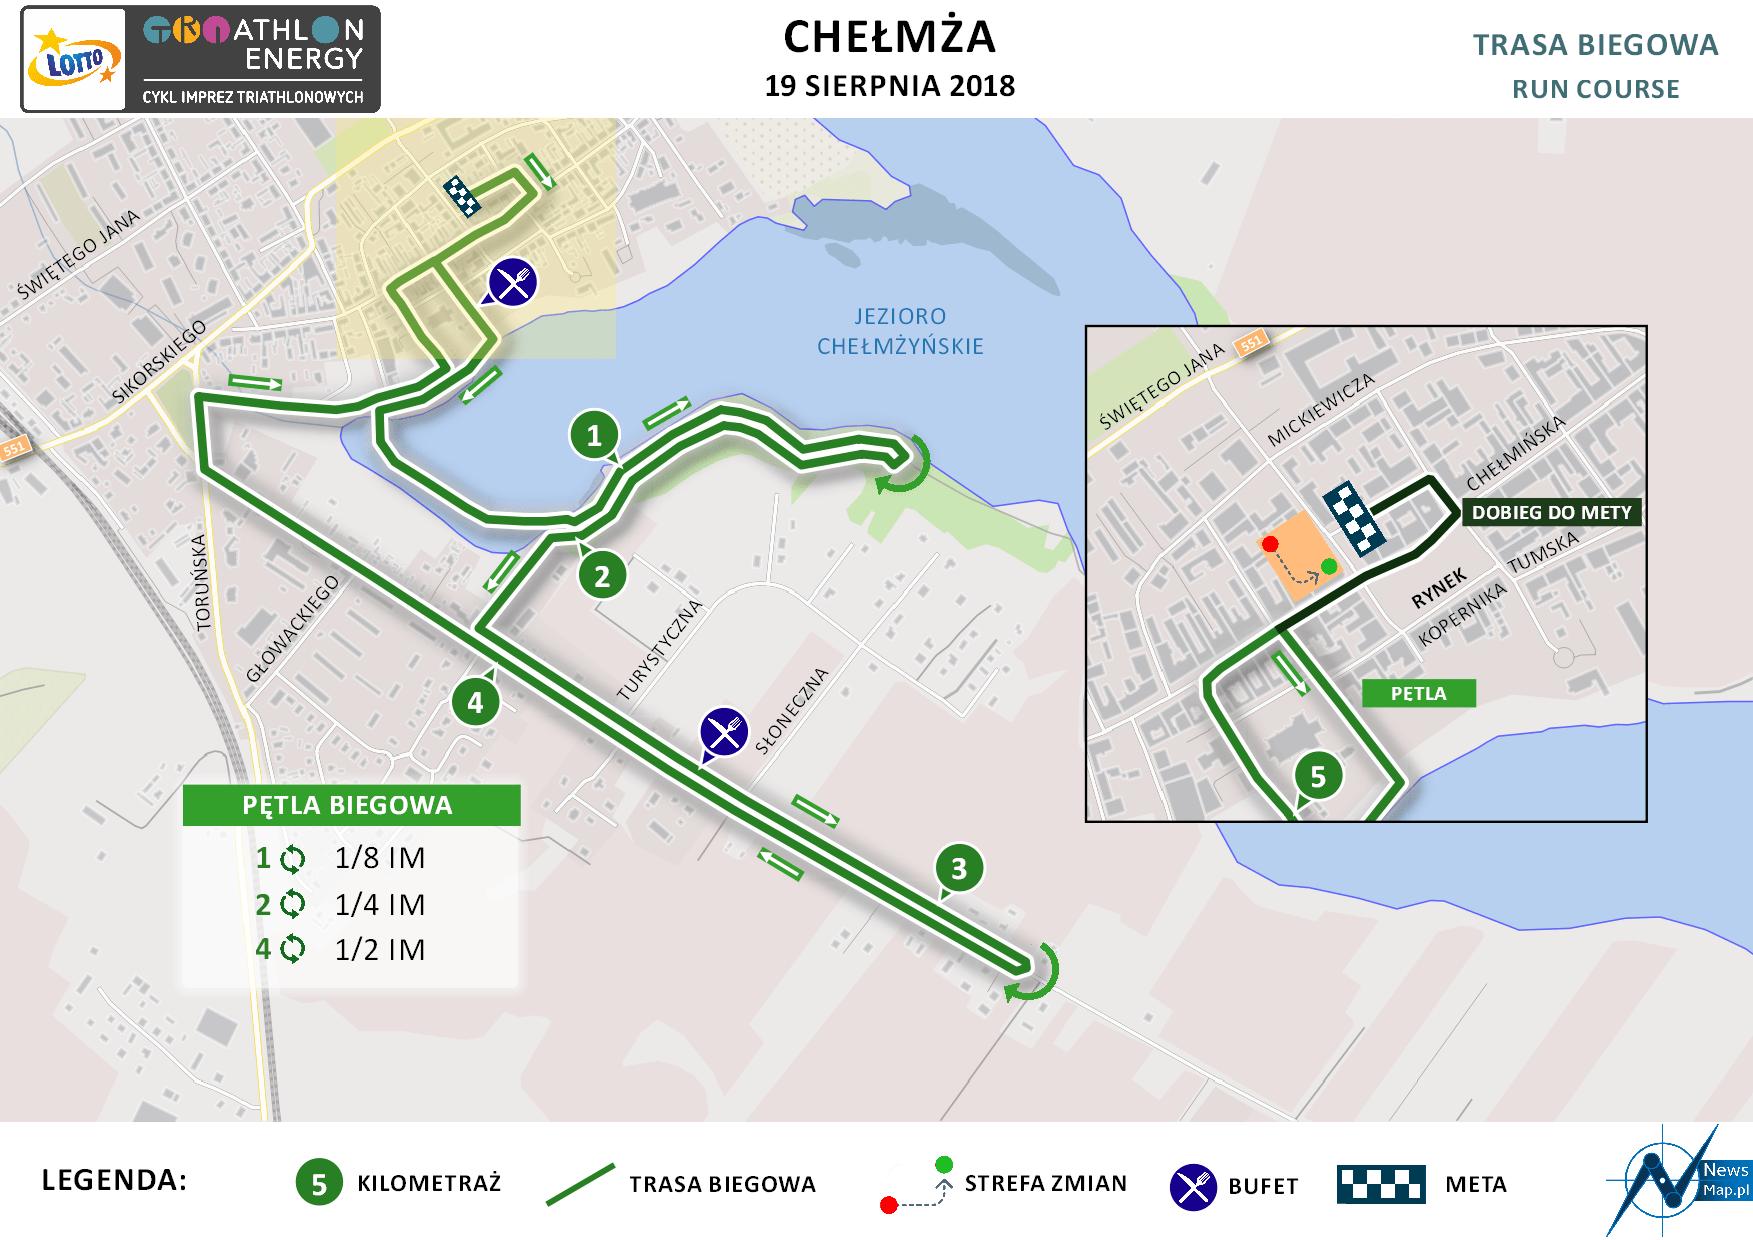 Mapa statyczna Chełmża Energy Triathlon 2018 - bieg